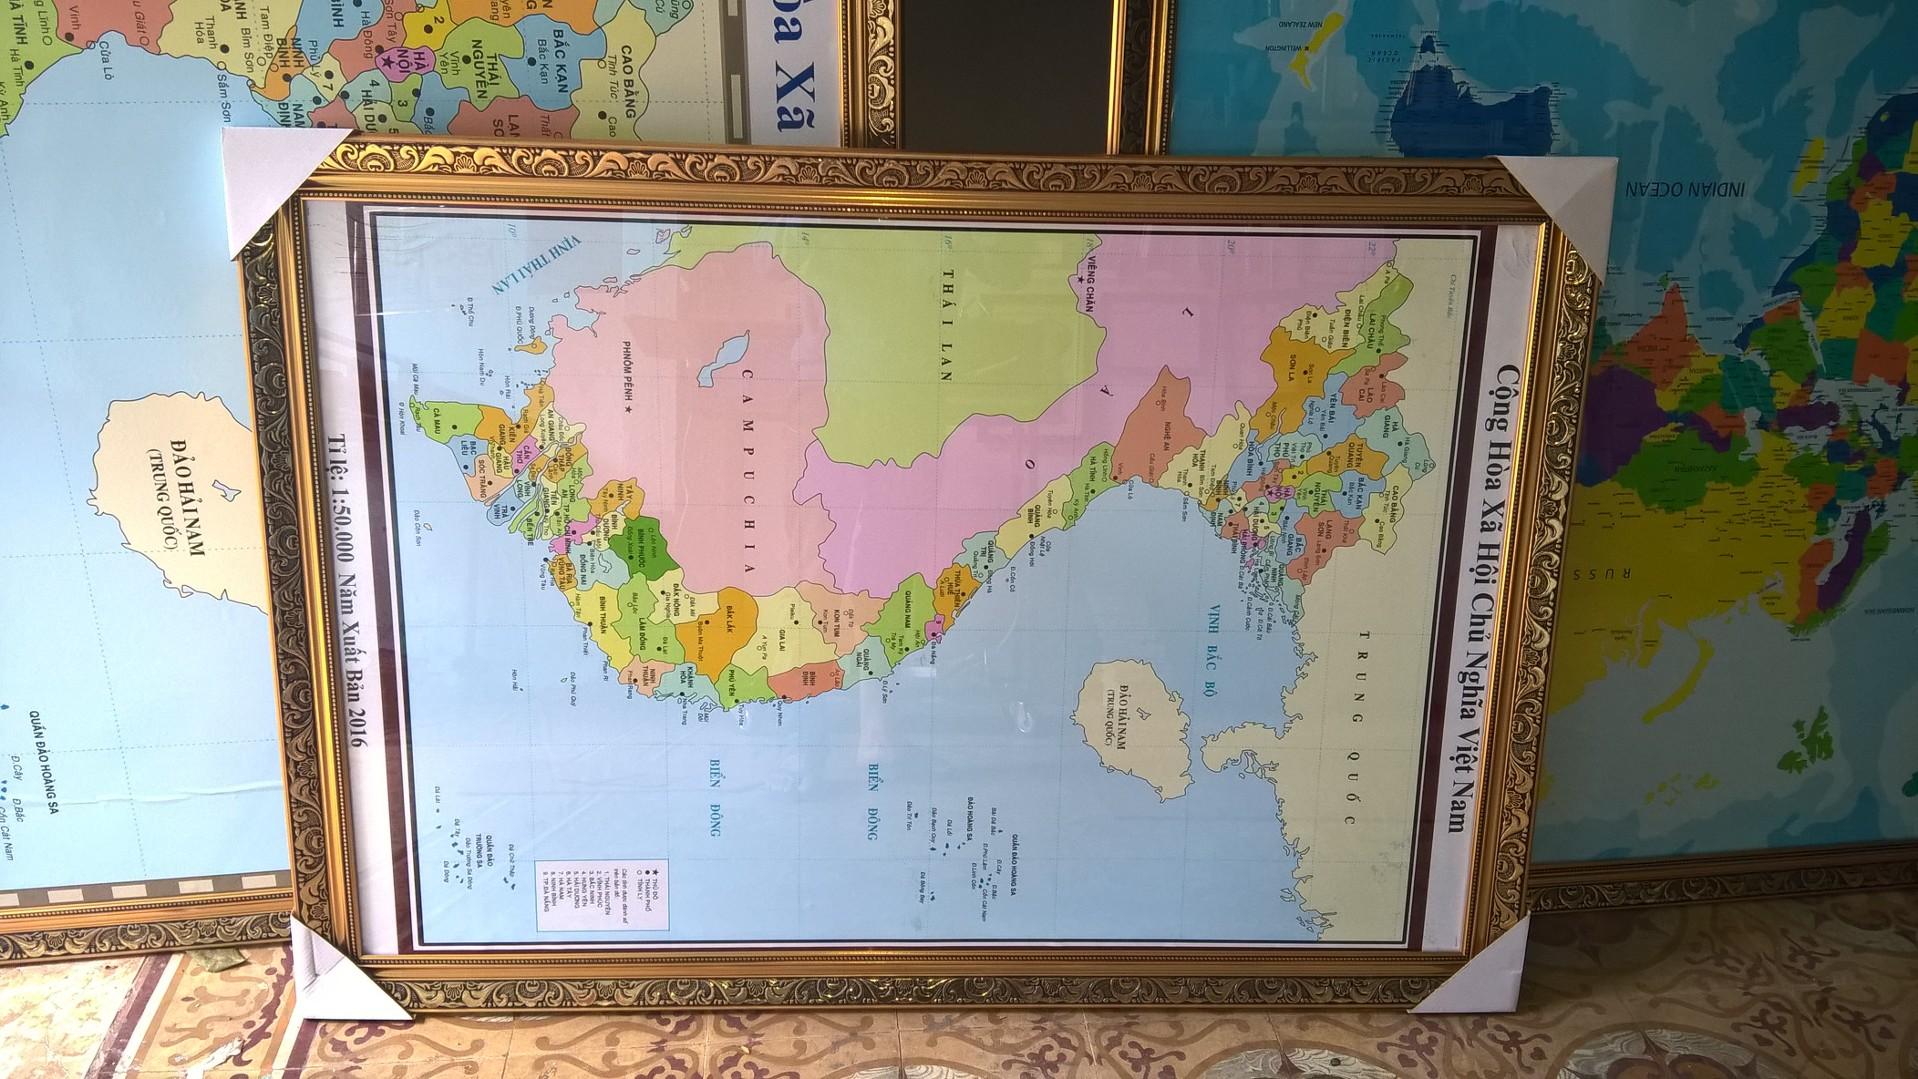 Khung tranh bản đồ Việt Nam